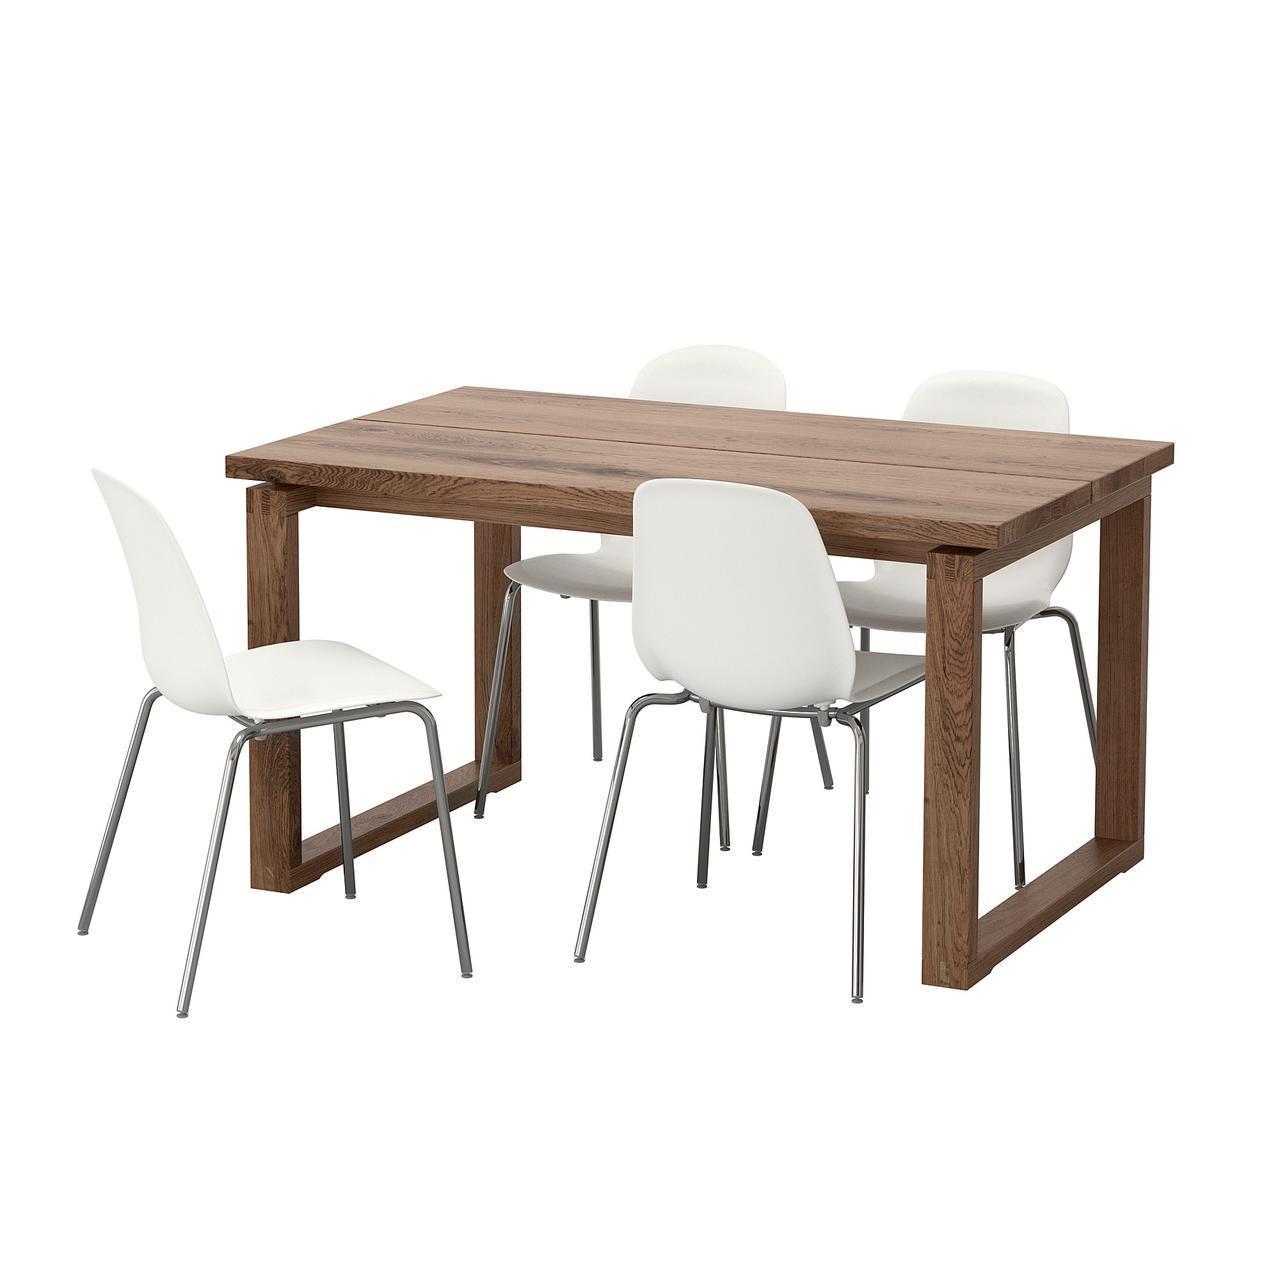 Комплект для кухни (стол и 4 стула) IKEA MÖRBYLÅNGA / LEIFARNE 140x85 см коричневый белый 192.460.97